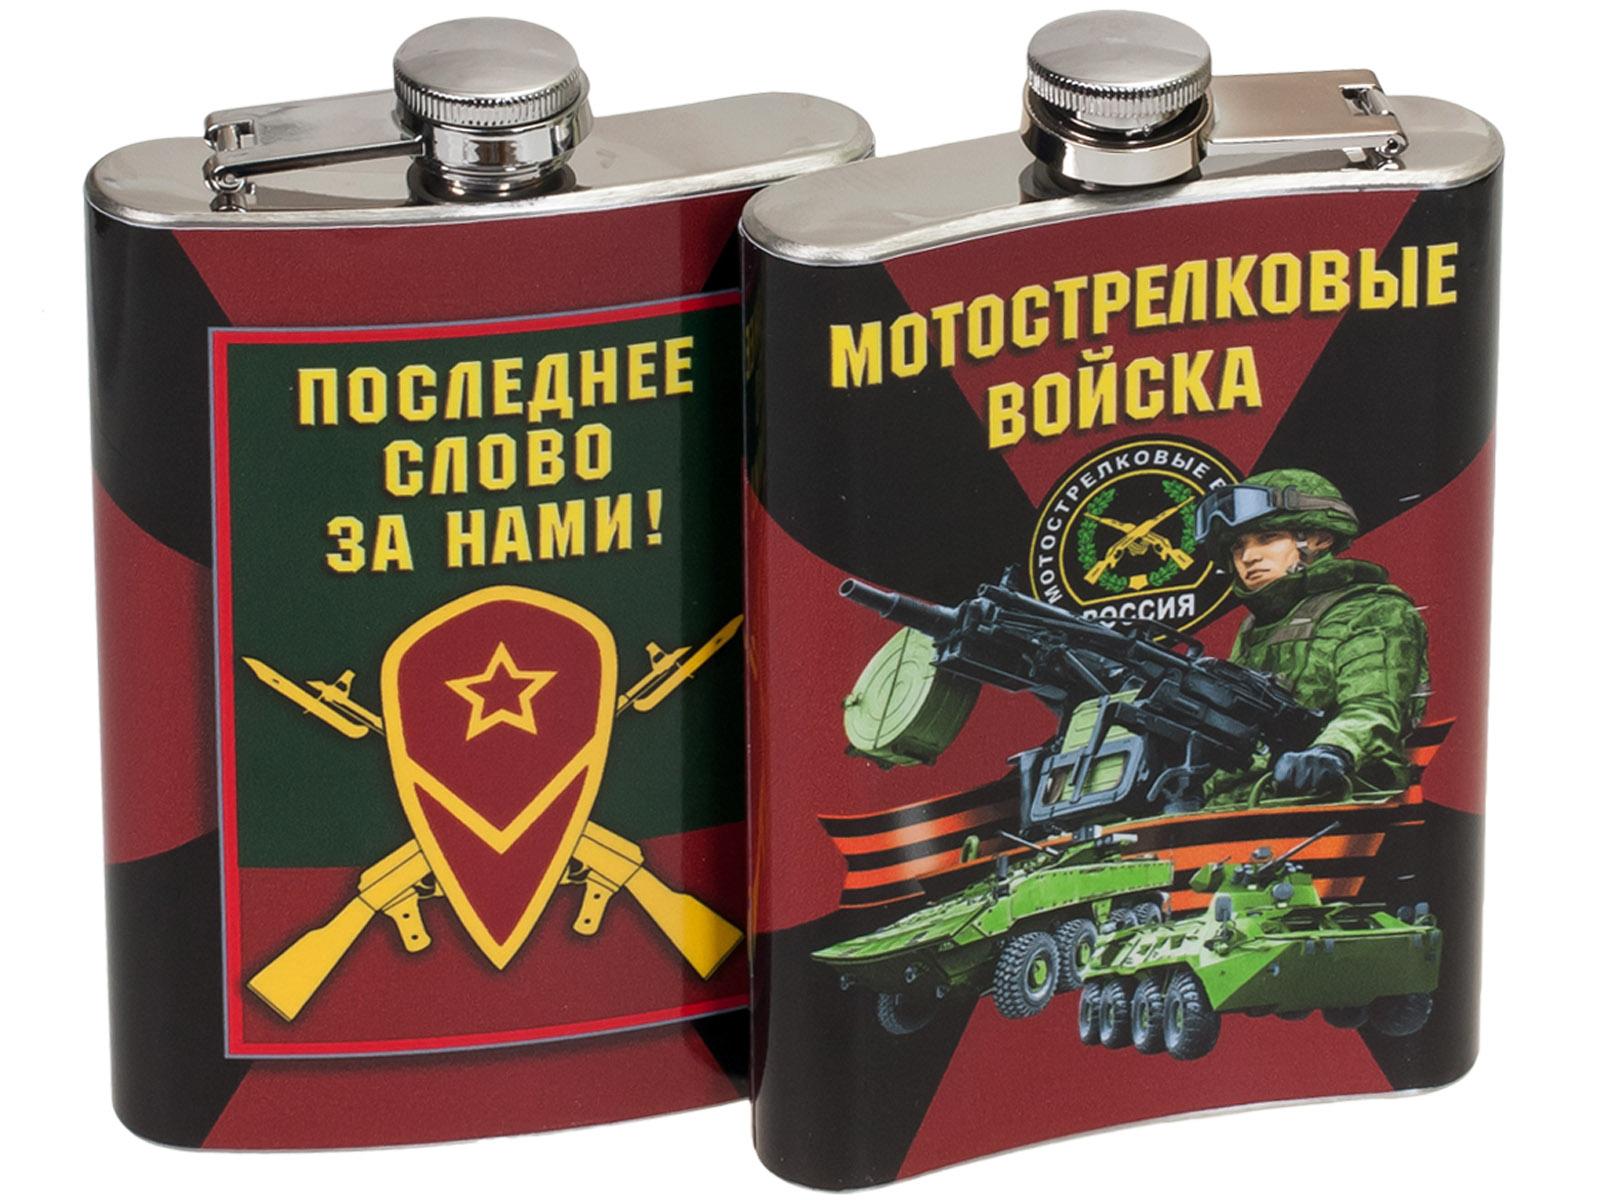 Фляжка Мотострелковые войска - недорого